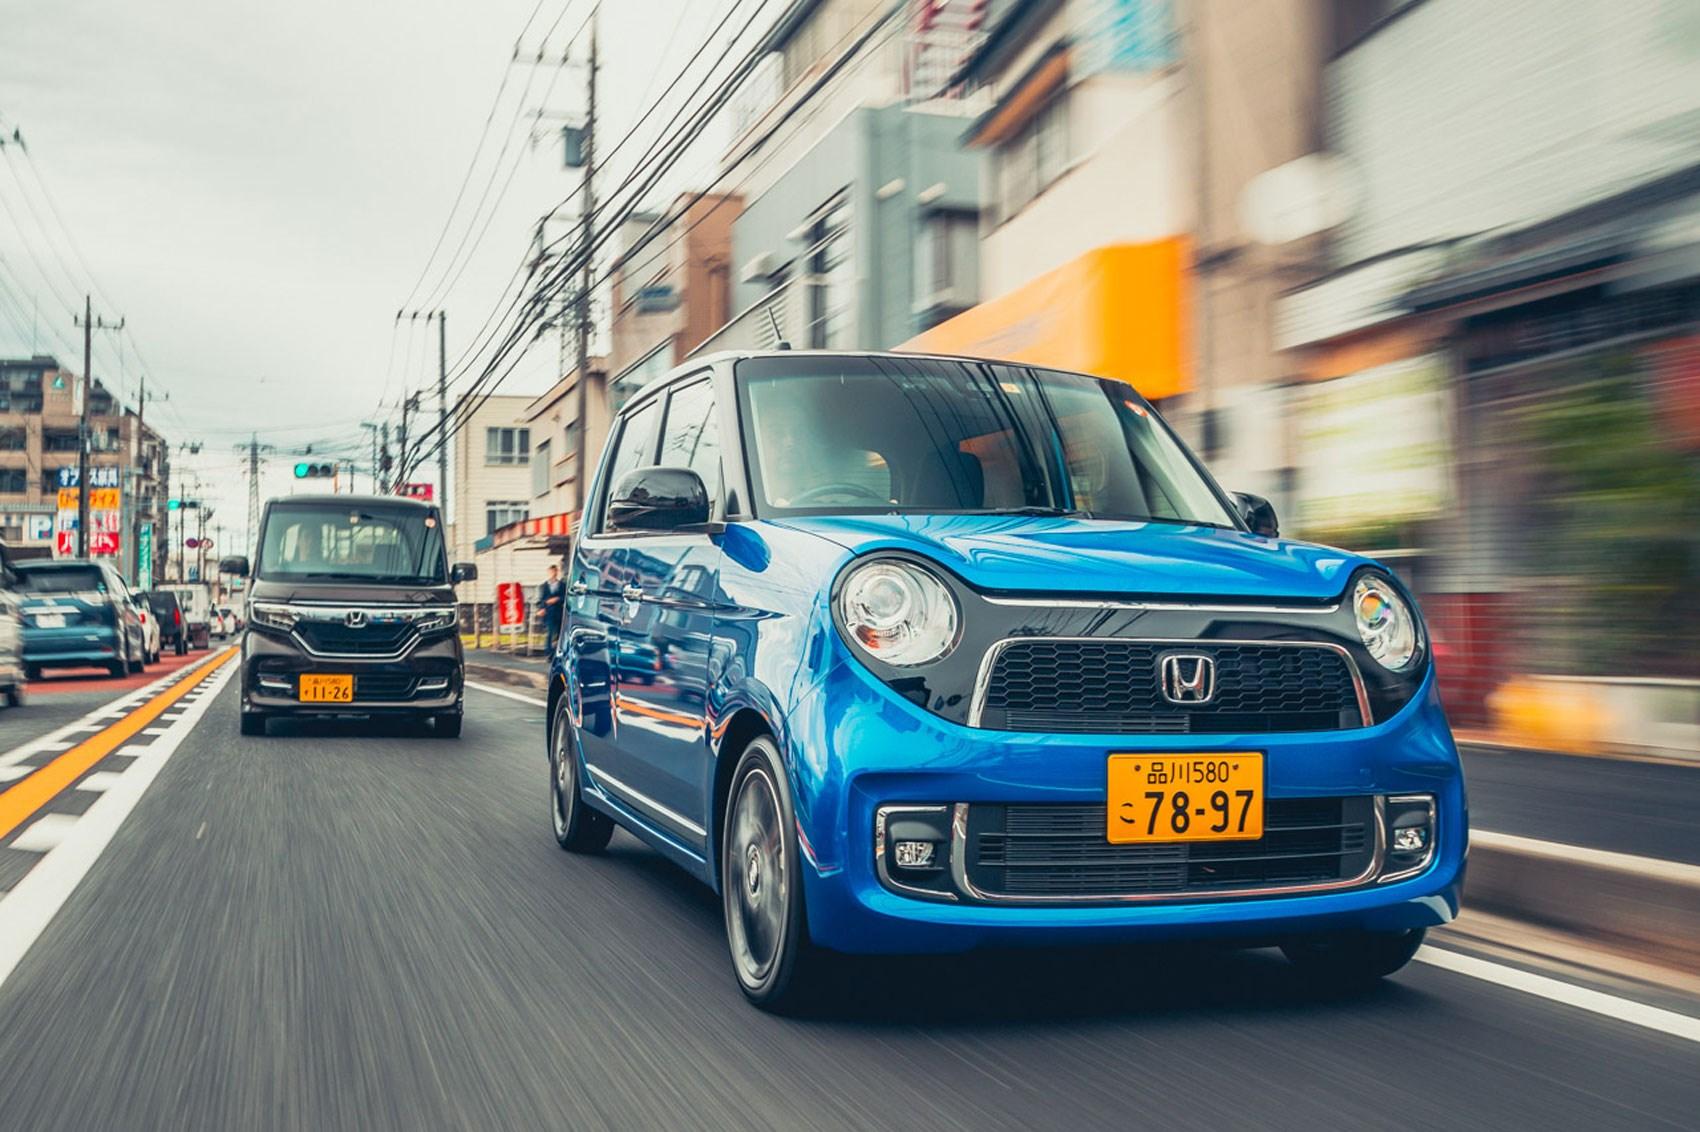 از ژاپن تا آمریکا، خودروهای ملی همه جا هوادار دارند